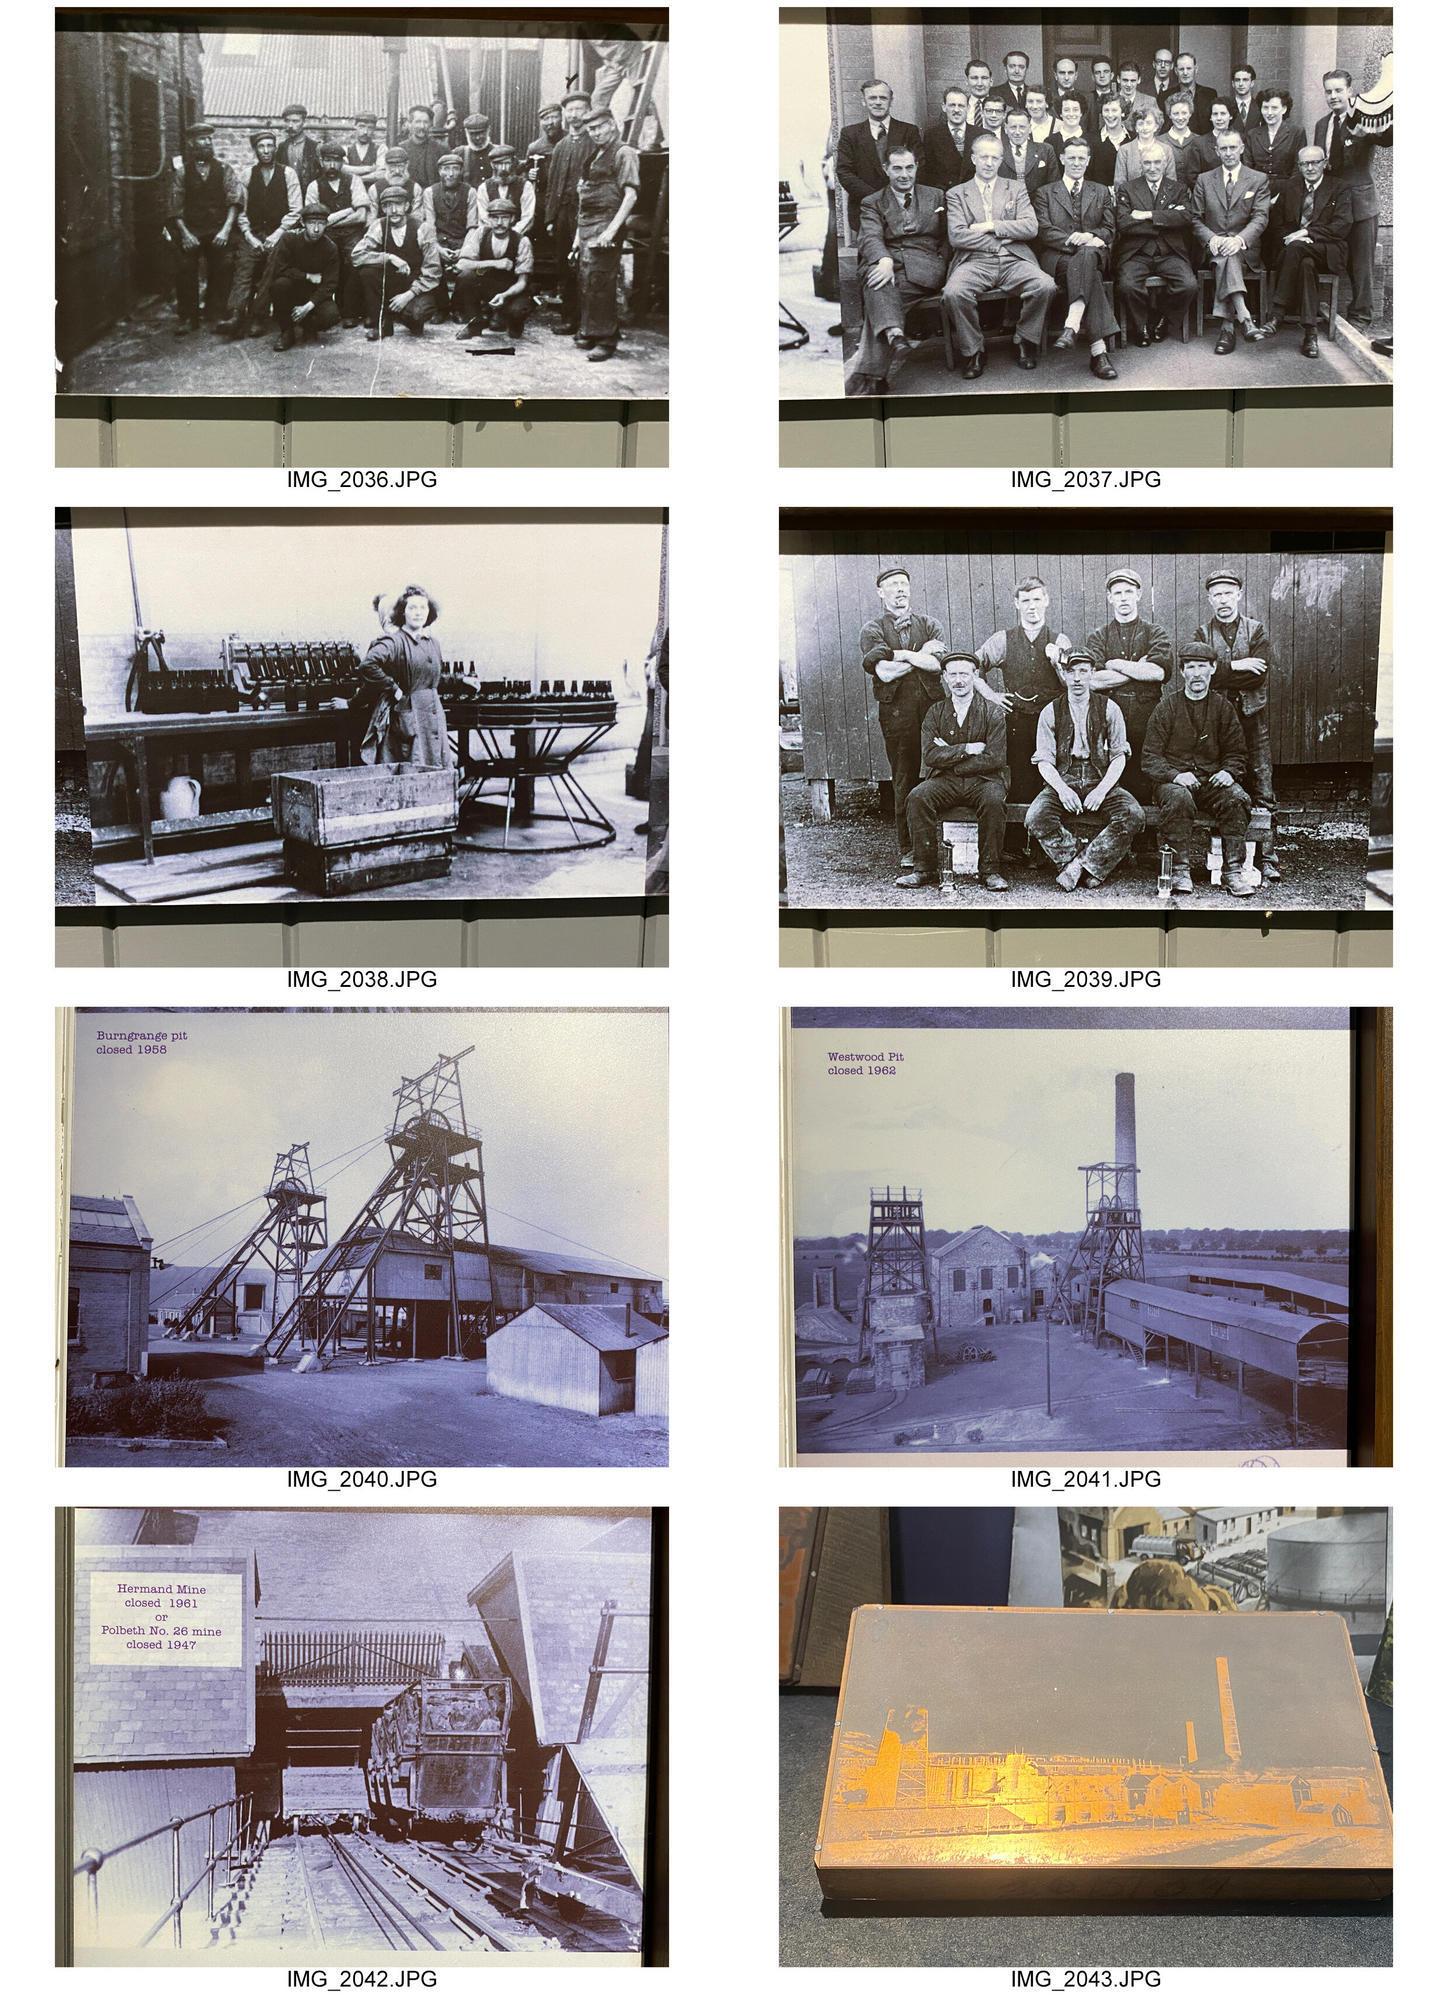 архівні матеріали про вугільні шахти у Великій Британії